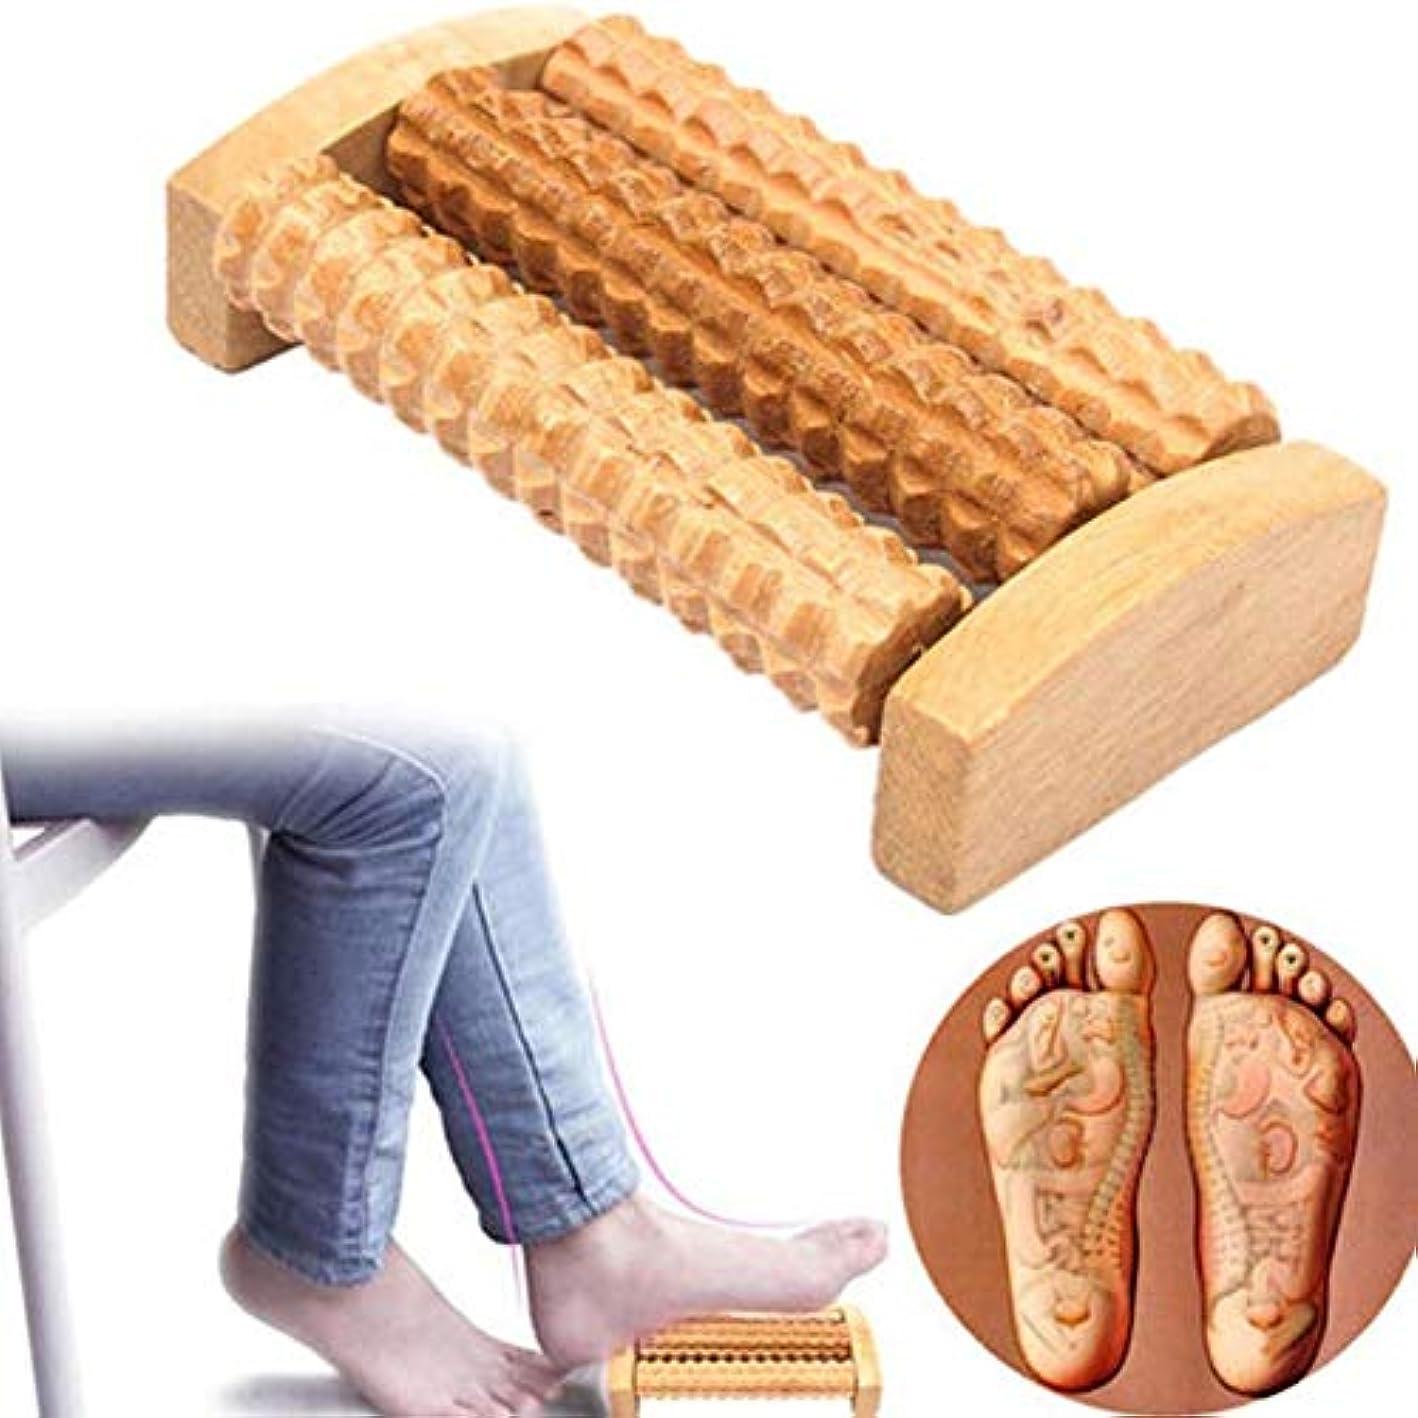 符号岸計り知れない木製フットマッサージャー高品質木製 5 行応力除去治療リラックスマッサージローラー健康 足ケアマッサージツール